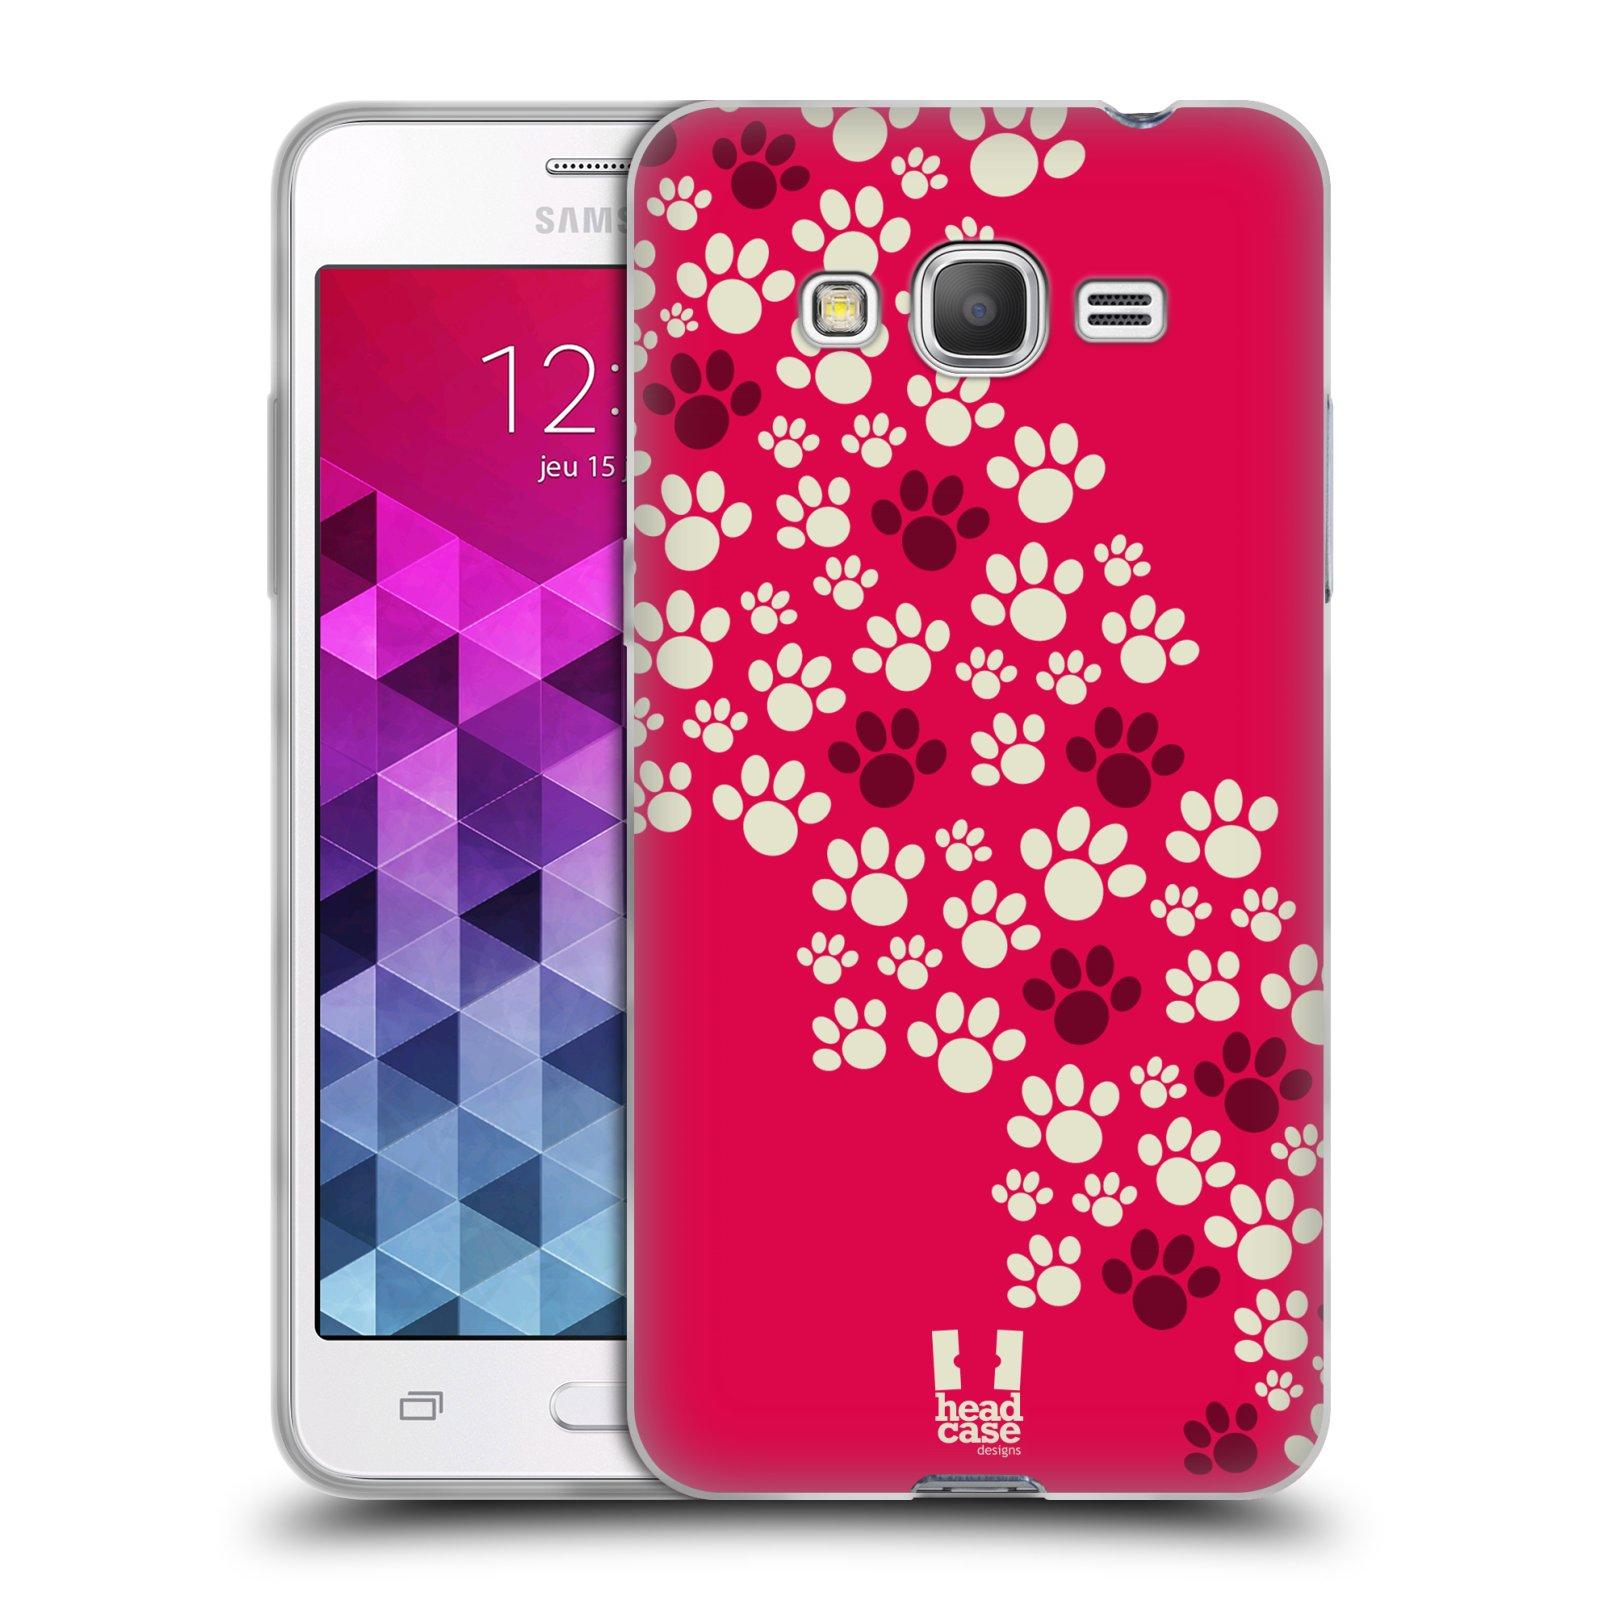 Silikonové pouzdro na mobil Samsung Galaxy Grand Prime VE HEAD CASE TLAPKY RŮŽOVÉ (Silikonový kryt či obal na mobilní telefon Samsung Galaxy Grand Prime VE SM-G531F)